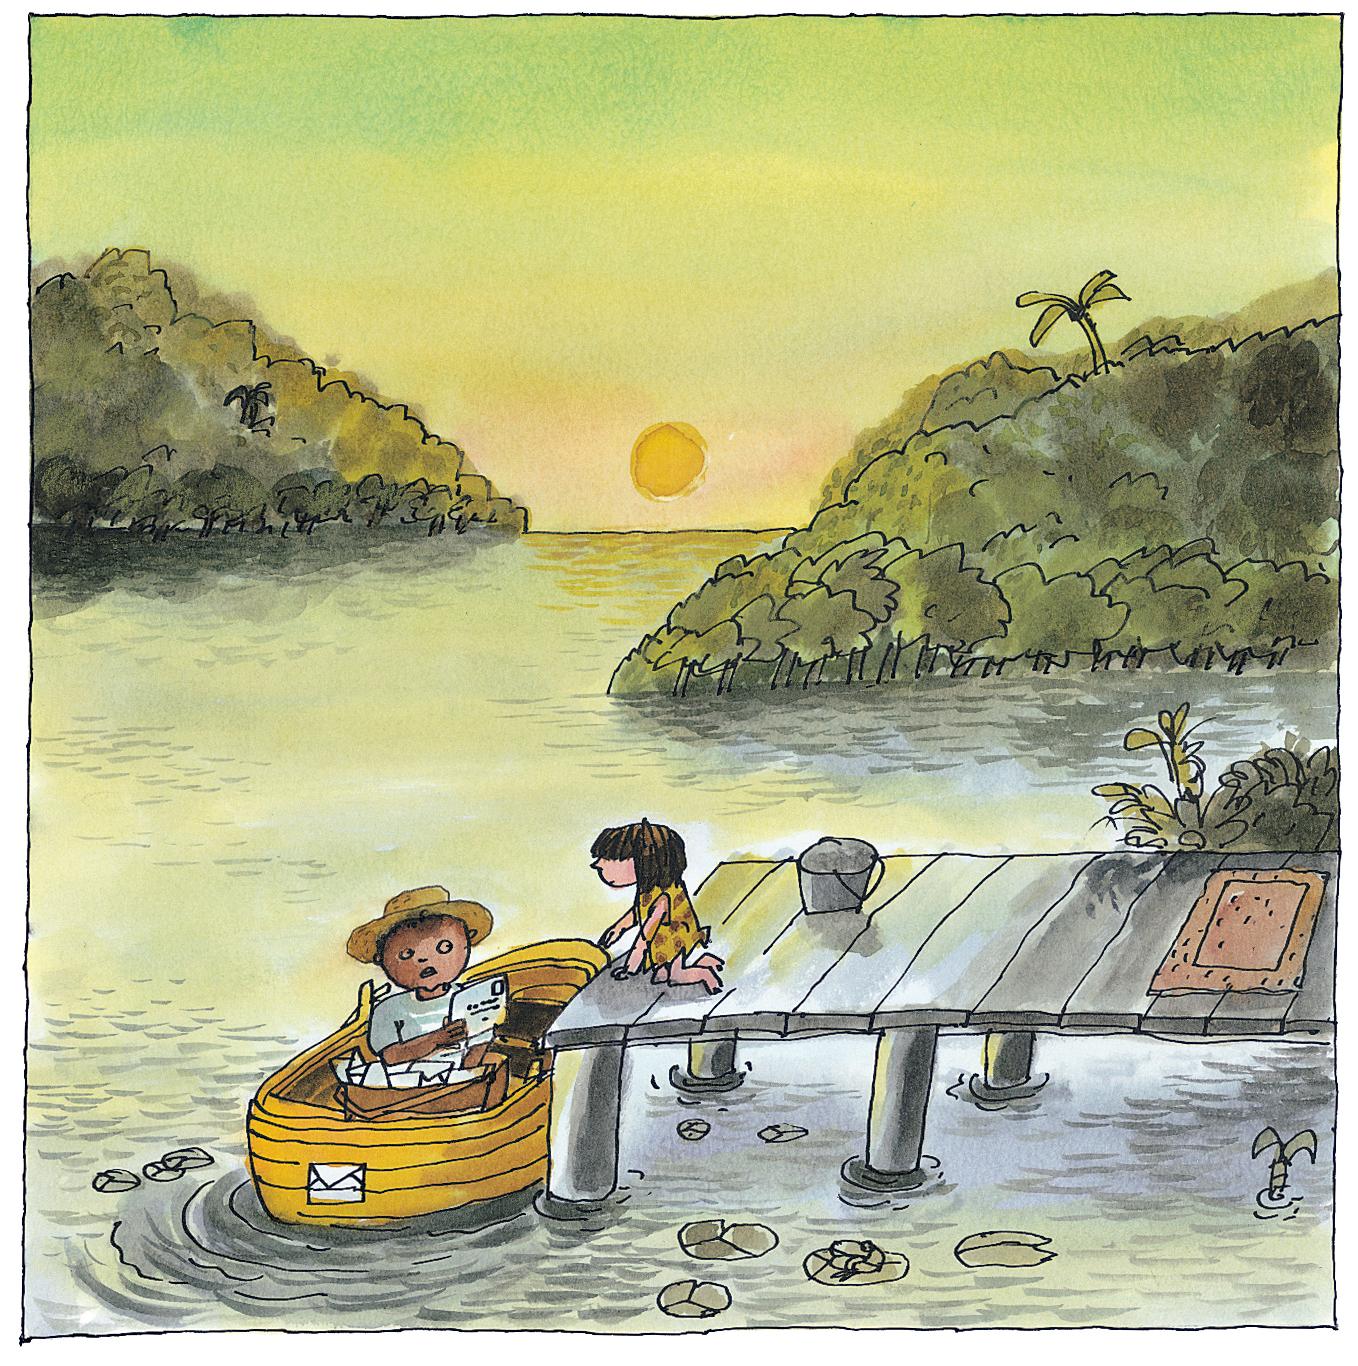 Ilustración de Emilio Urberuaga para La selva de Sara, editado por Edelvives.   Urberuaga obtuvo el Premio Nacional de Ilustración en 2011.